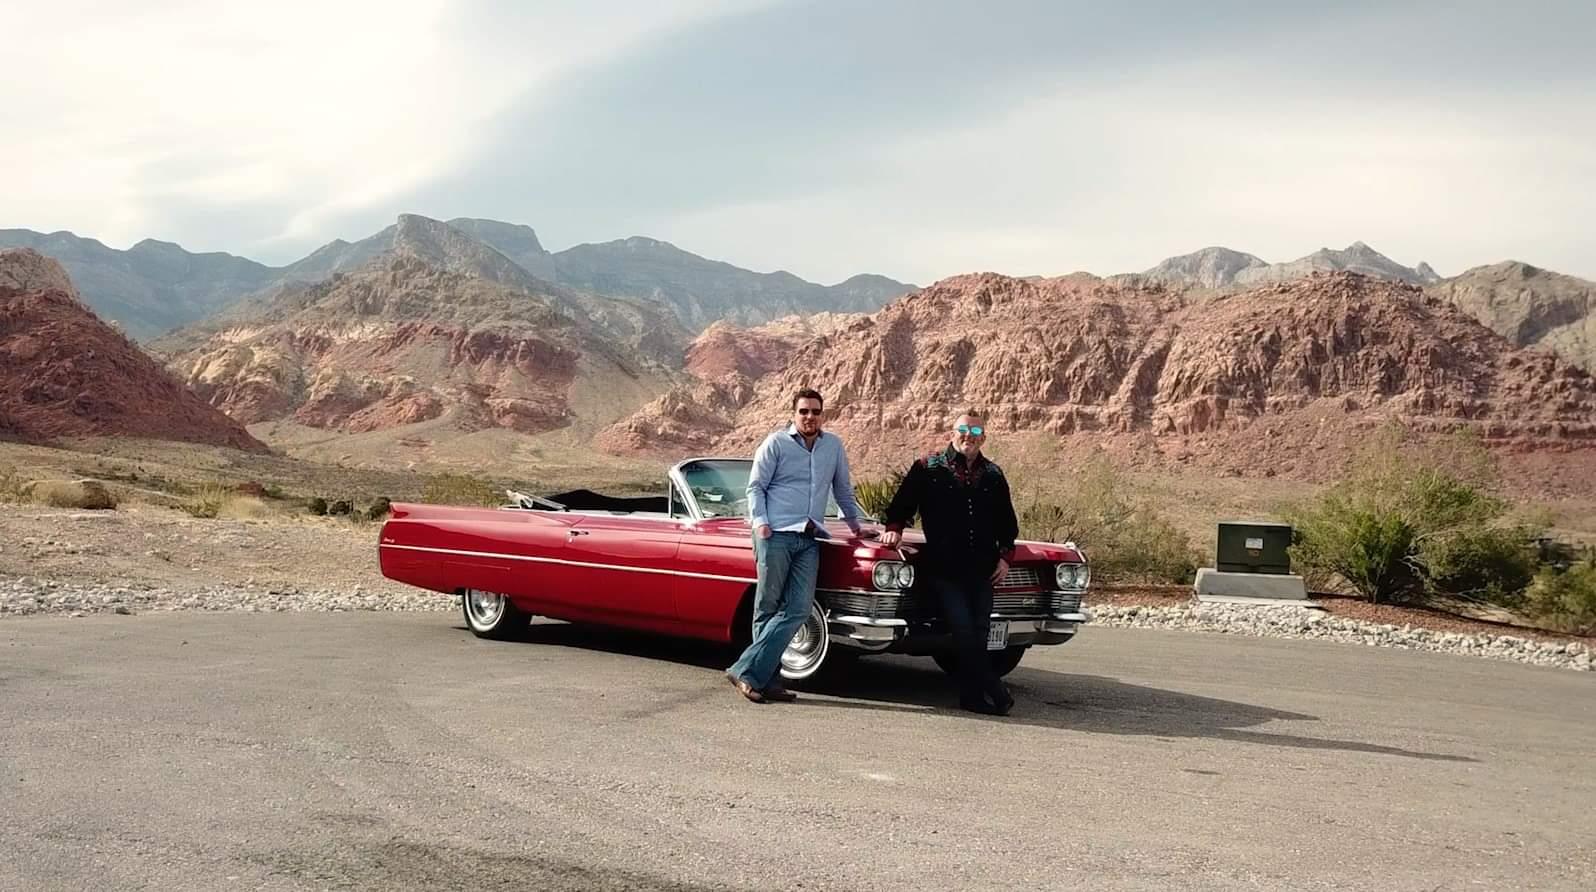 Gewinnen Sie einen 1964 roten Cadillac als Mitglied zum Mintbird Power Affiliate Program